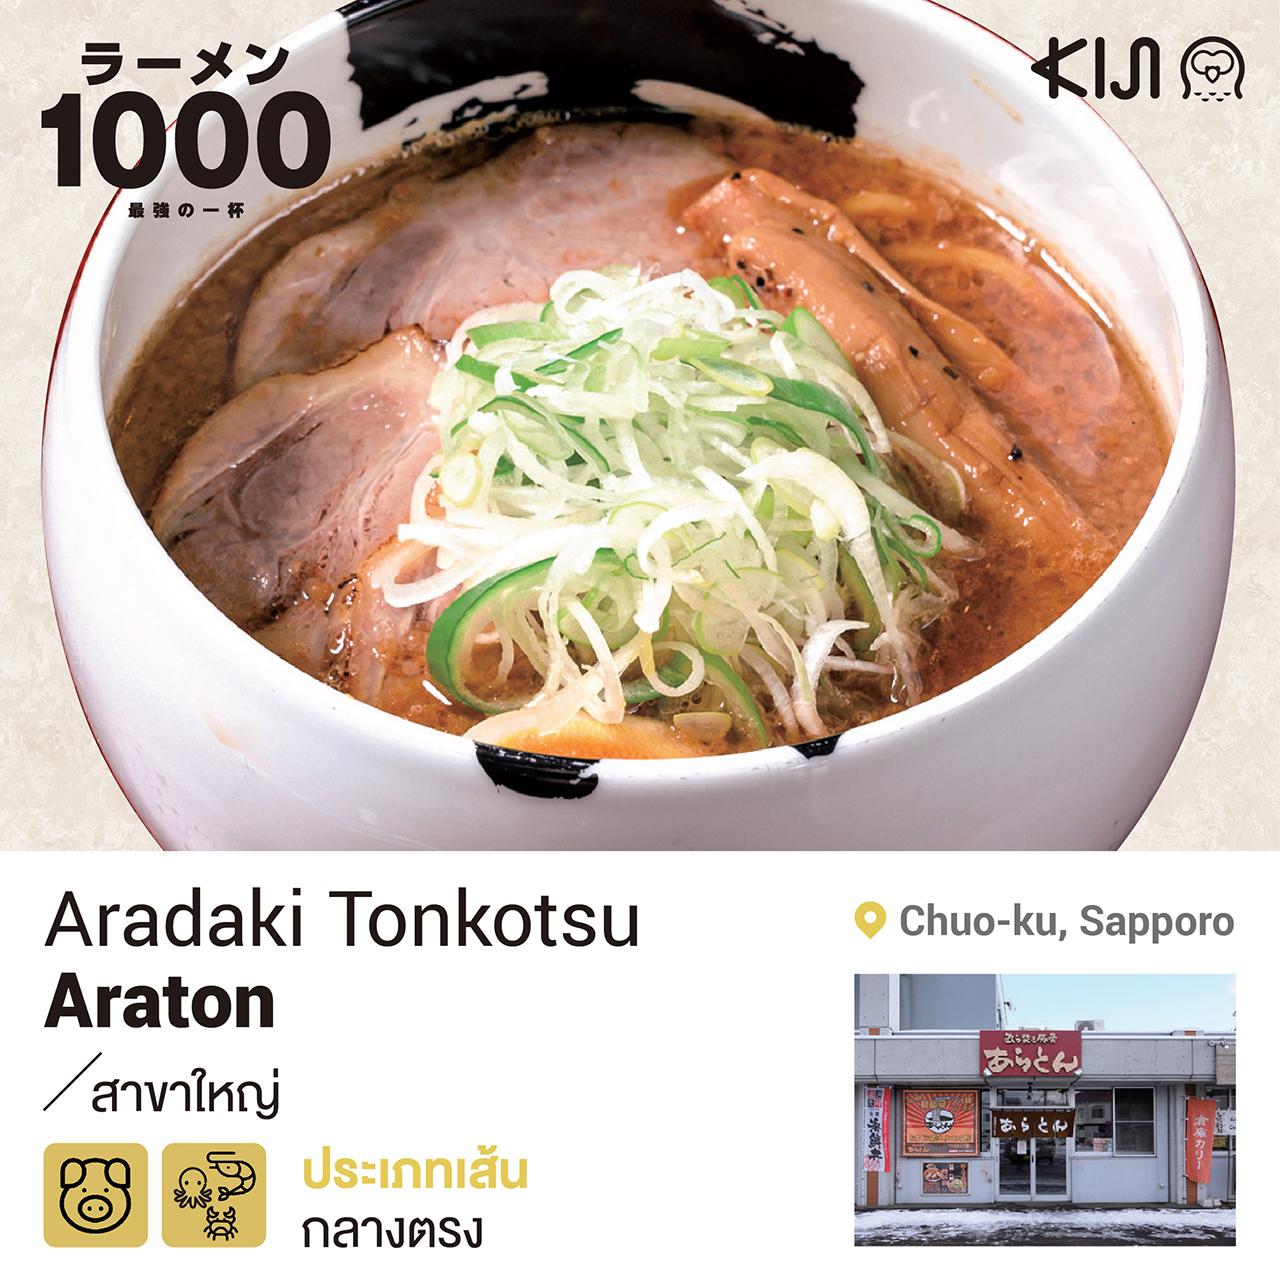 ร้านราเมน เขตชูโอ เมืองซัปโปโร จ.ฮอกไกโด - Aradaki Tonkotsu Araton สาขาใหญ่